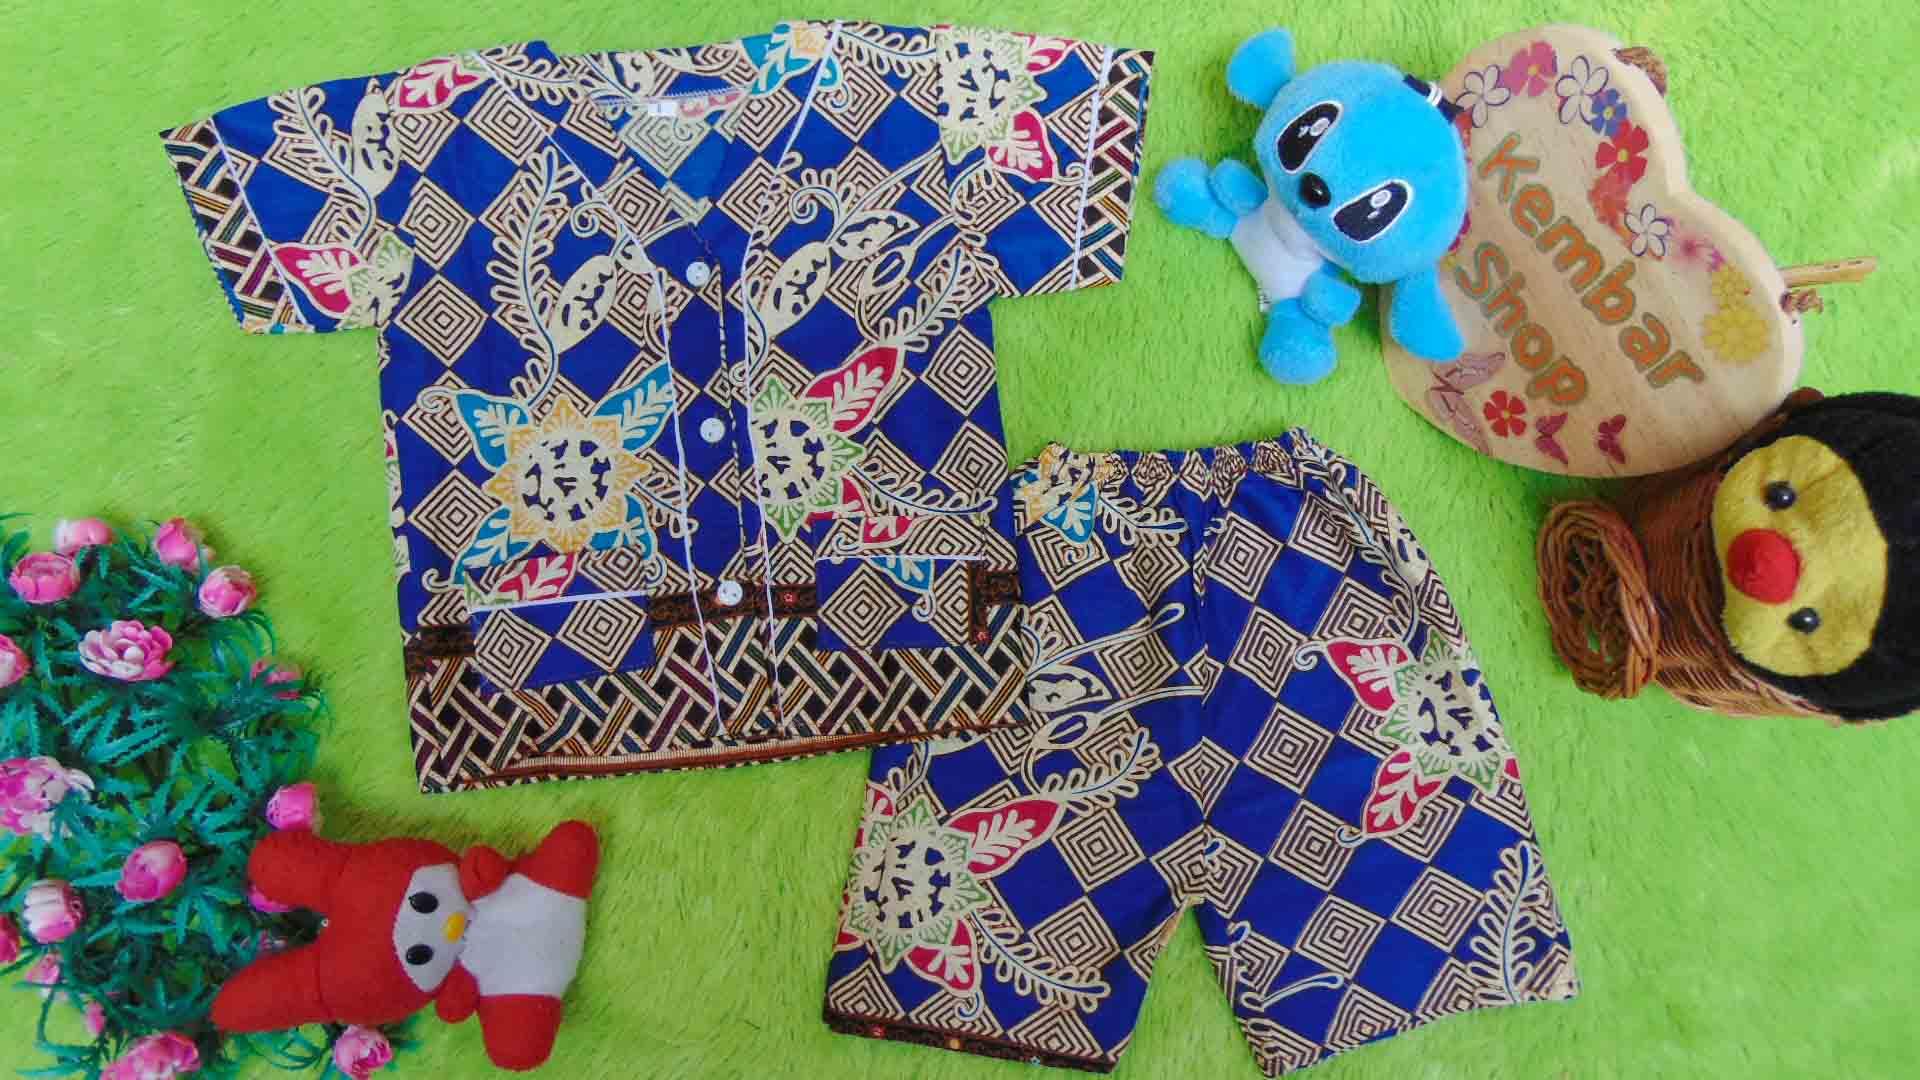 Setelan Baju Tidur Piyama Batik Bayi size O 0-6bln motif Geometri Sulur biru